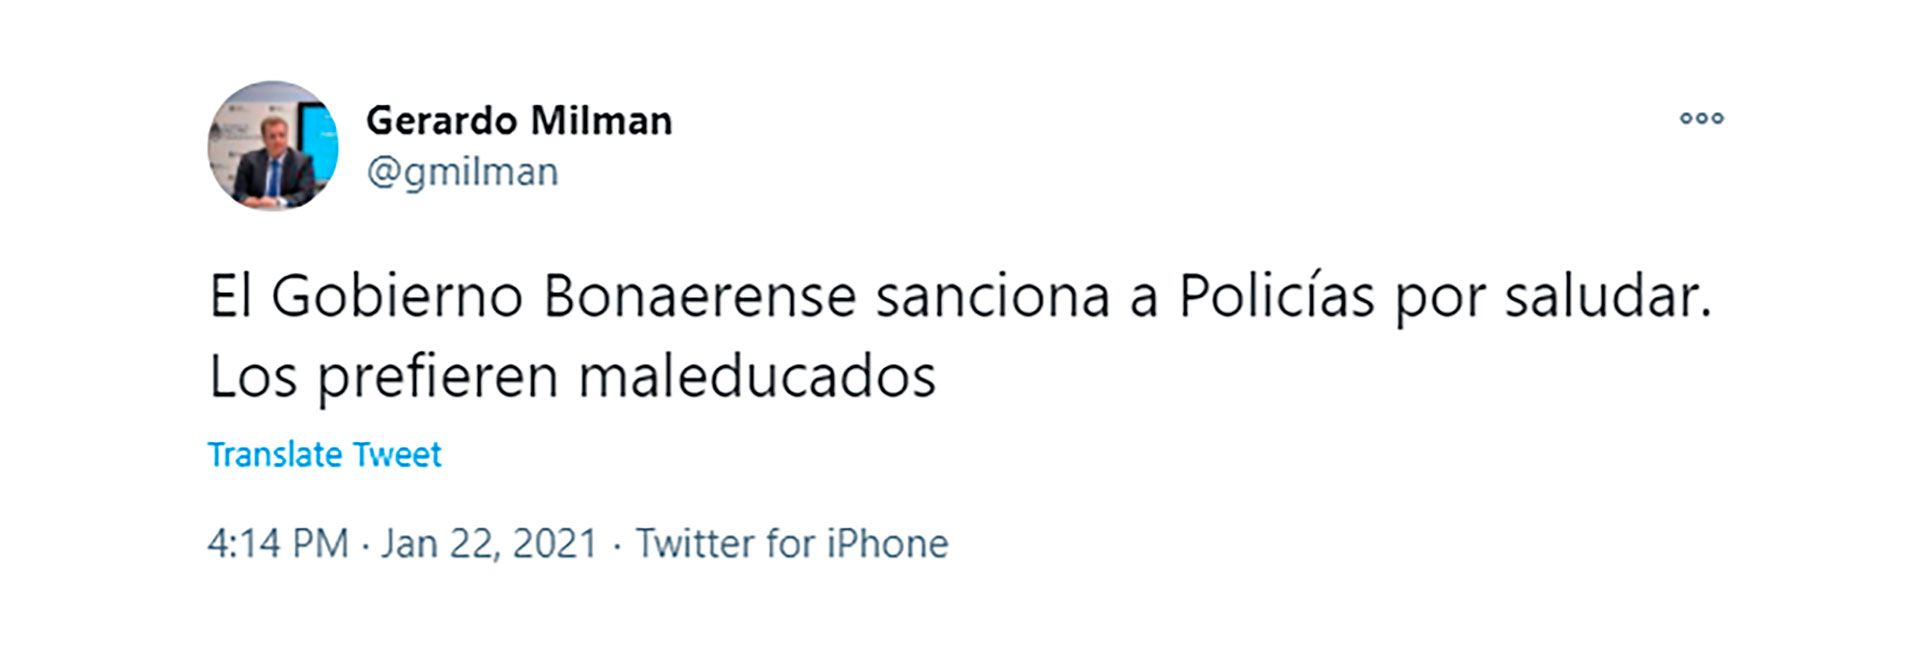 gerardo milman twitter fuerzas seguridad